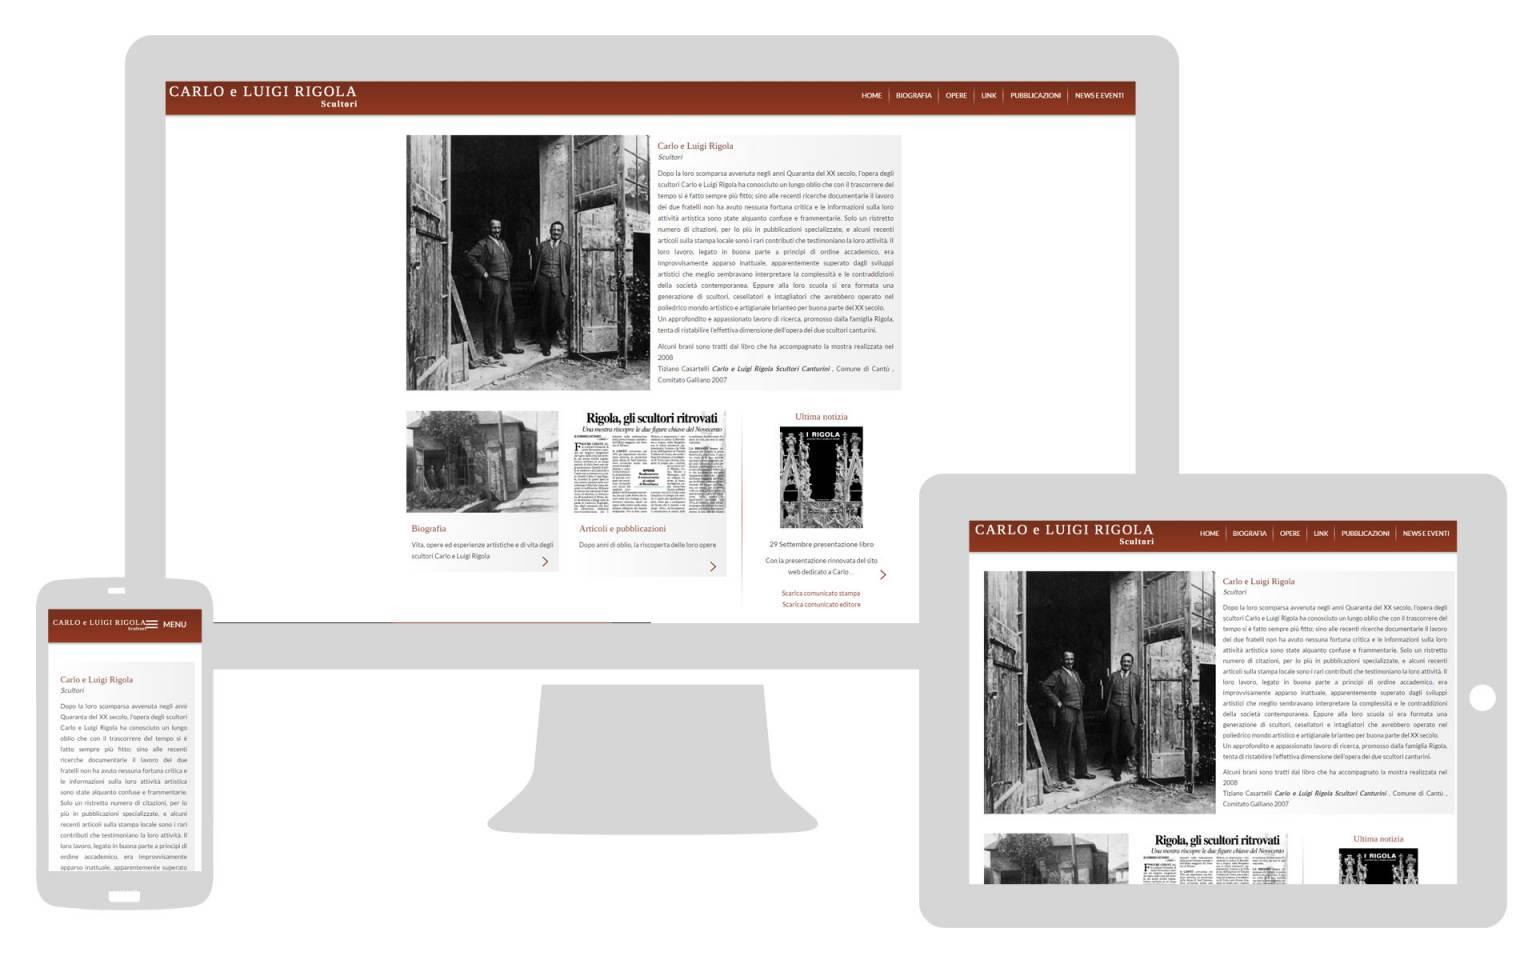 Realizzazione sito internet responsive Carlo e Luigi Rigola NewVisibility web agency